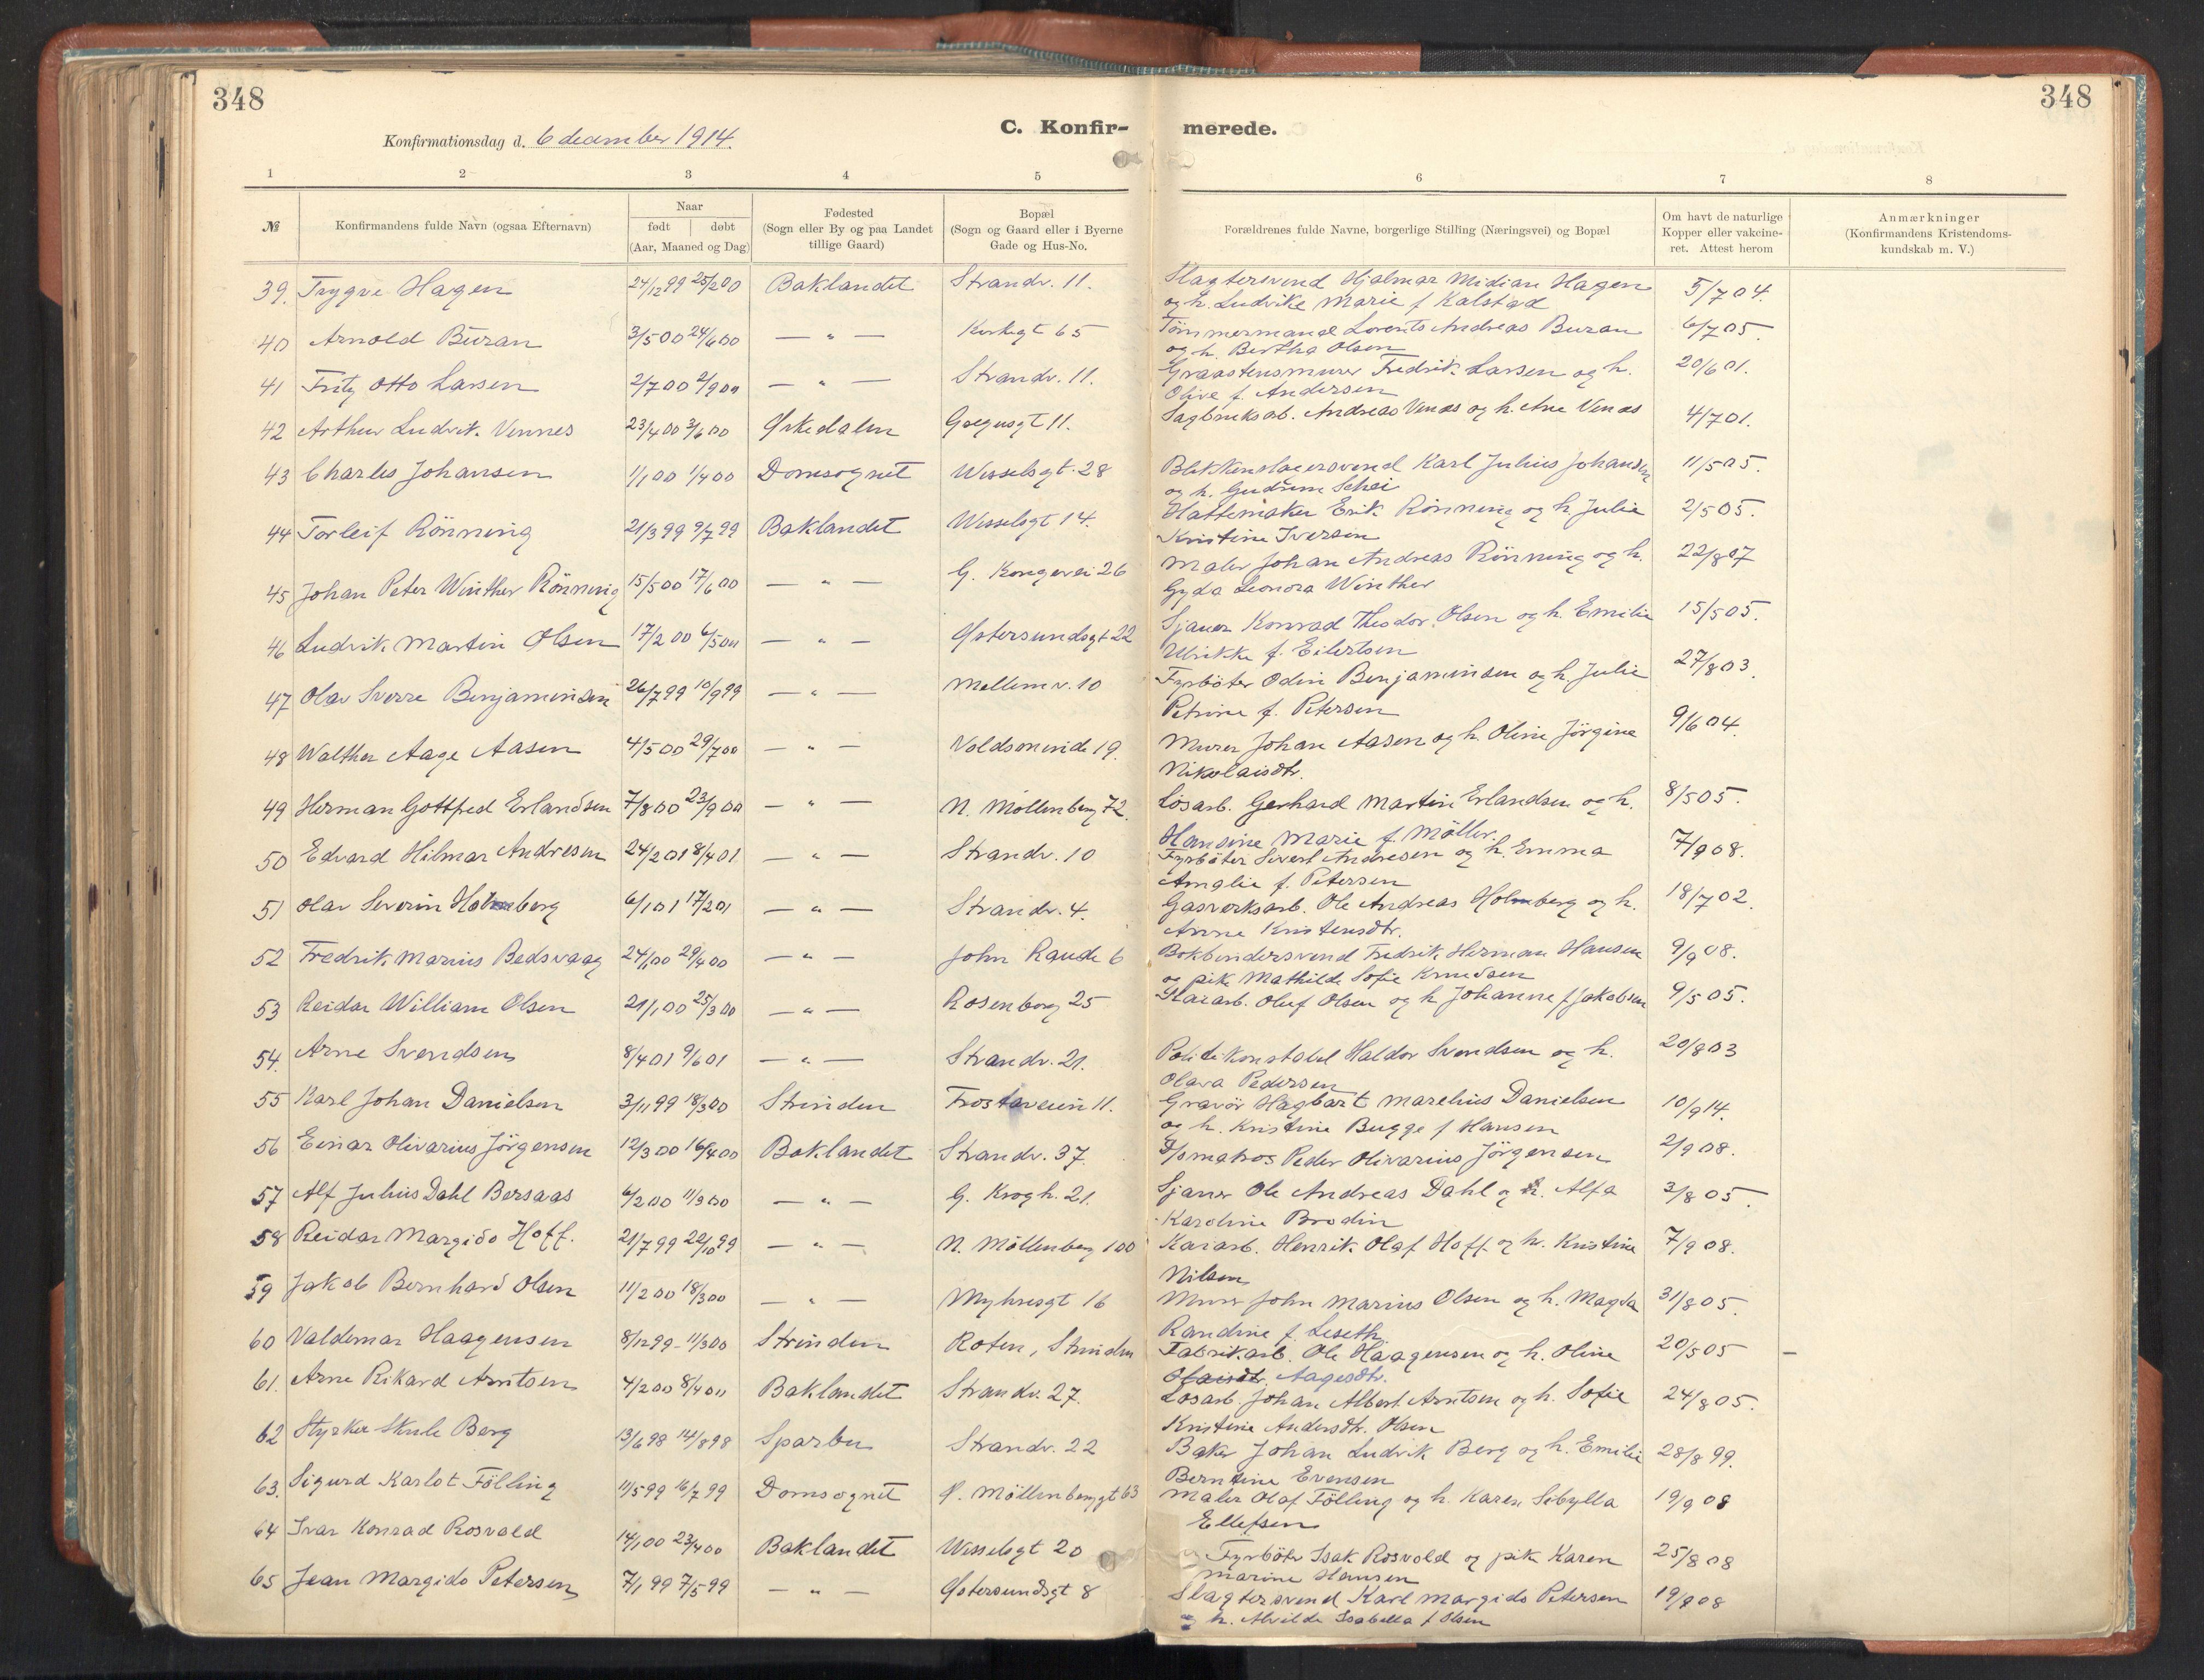 SAT, Ministerialprotokoller, klokkerbøker og fødselsregistre - Sør-Trøndelag, 605/L0243: Ministerialbok nr. 605A05, 1908-1923, s. 348